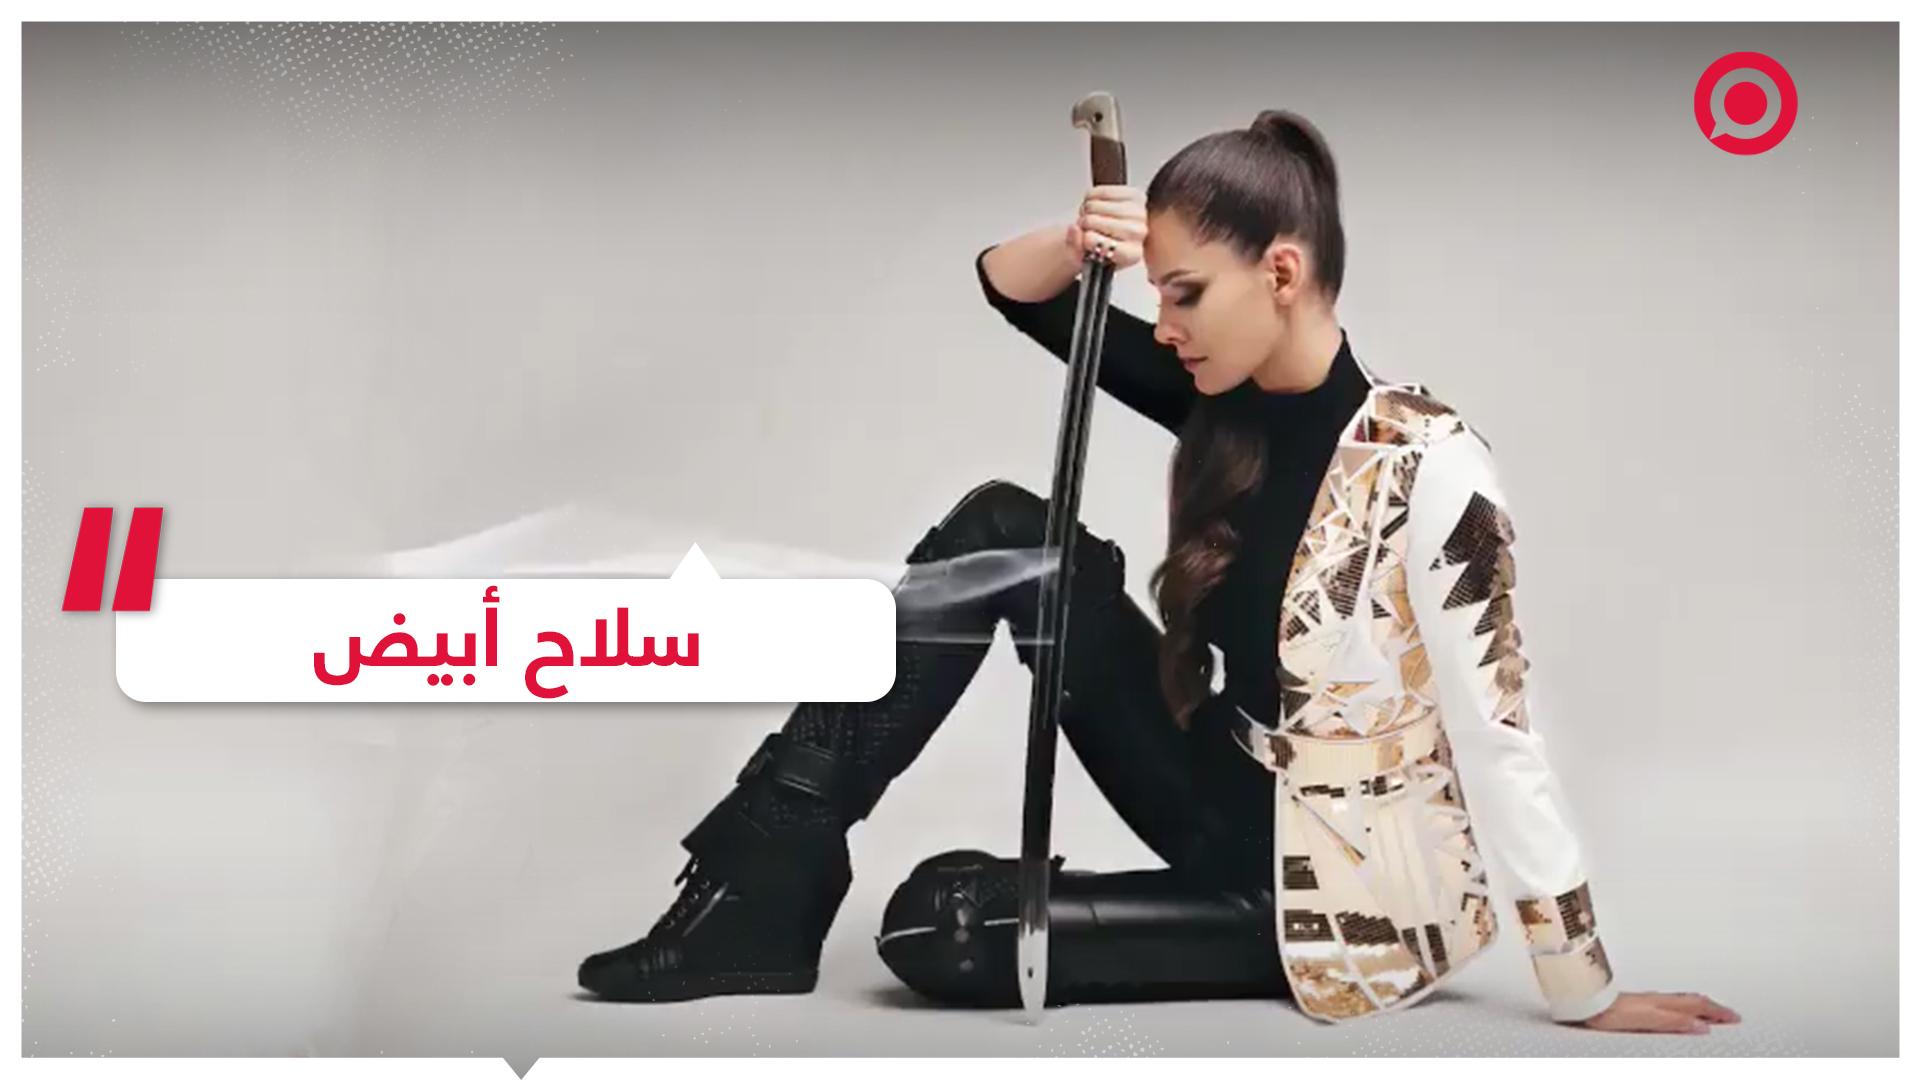 شابة روسية تبدع في استخدام السيف